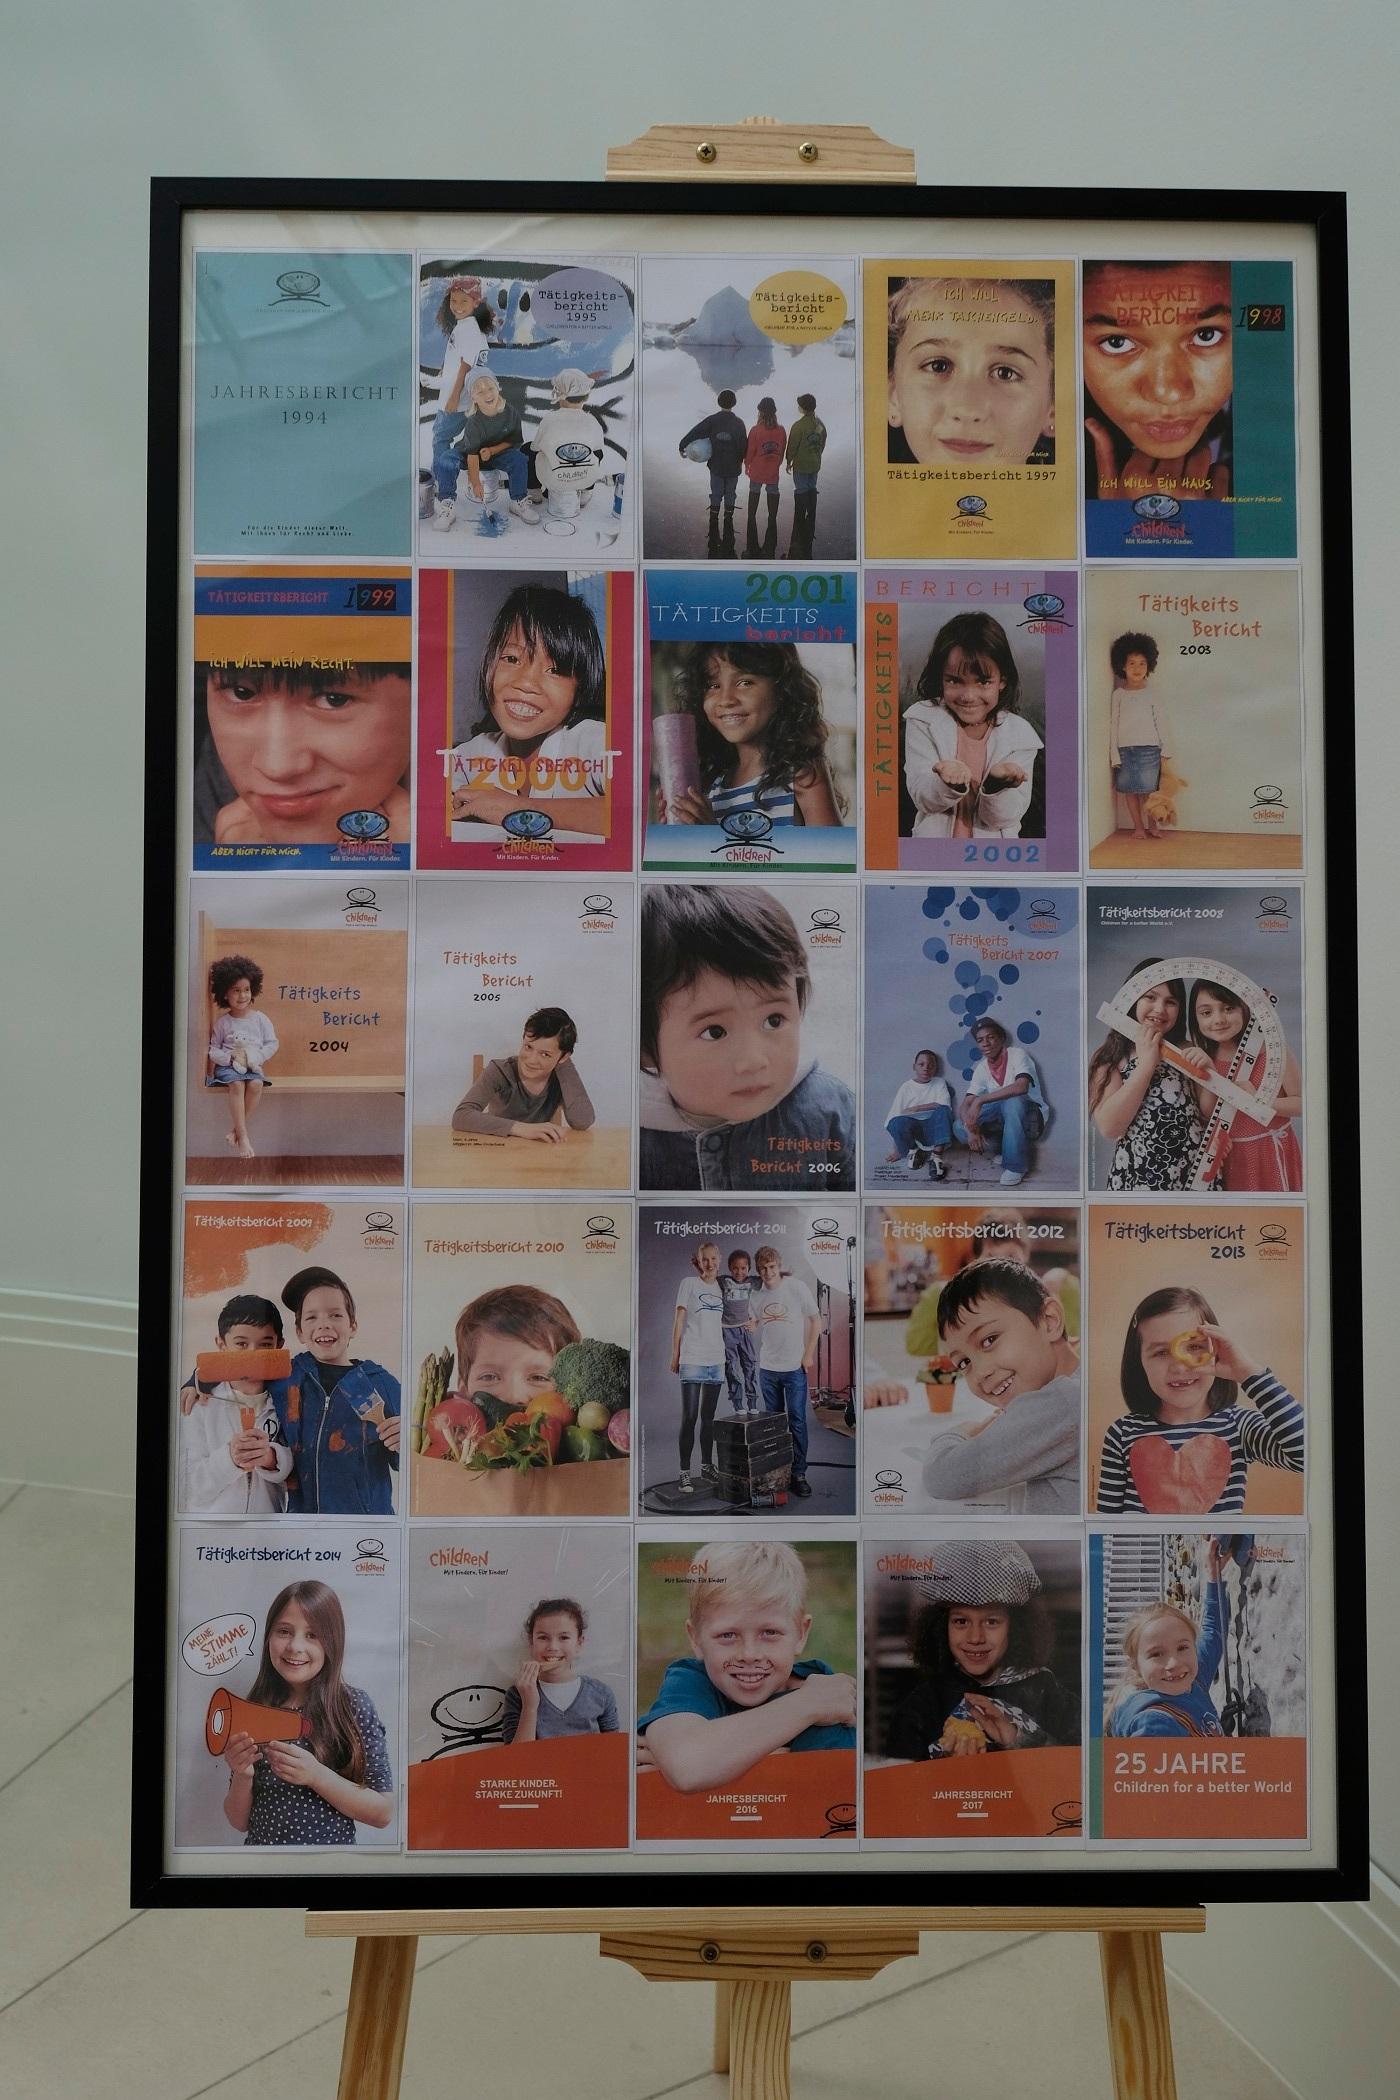 Children-25-Jahre_005.JPG